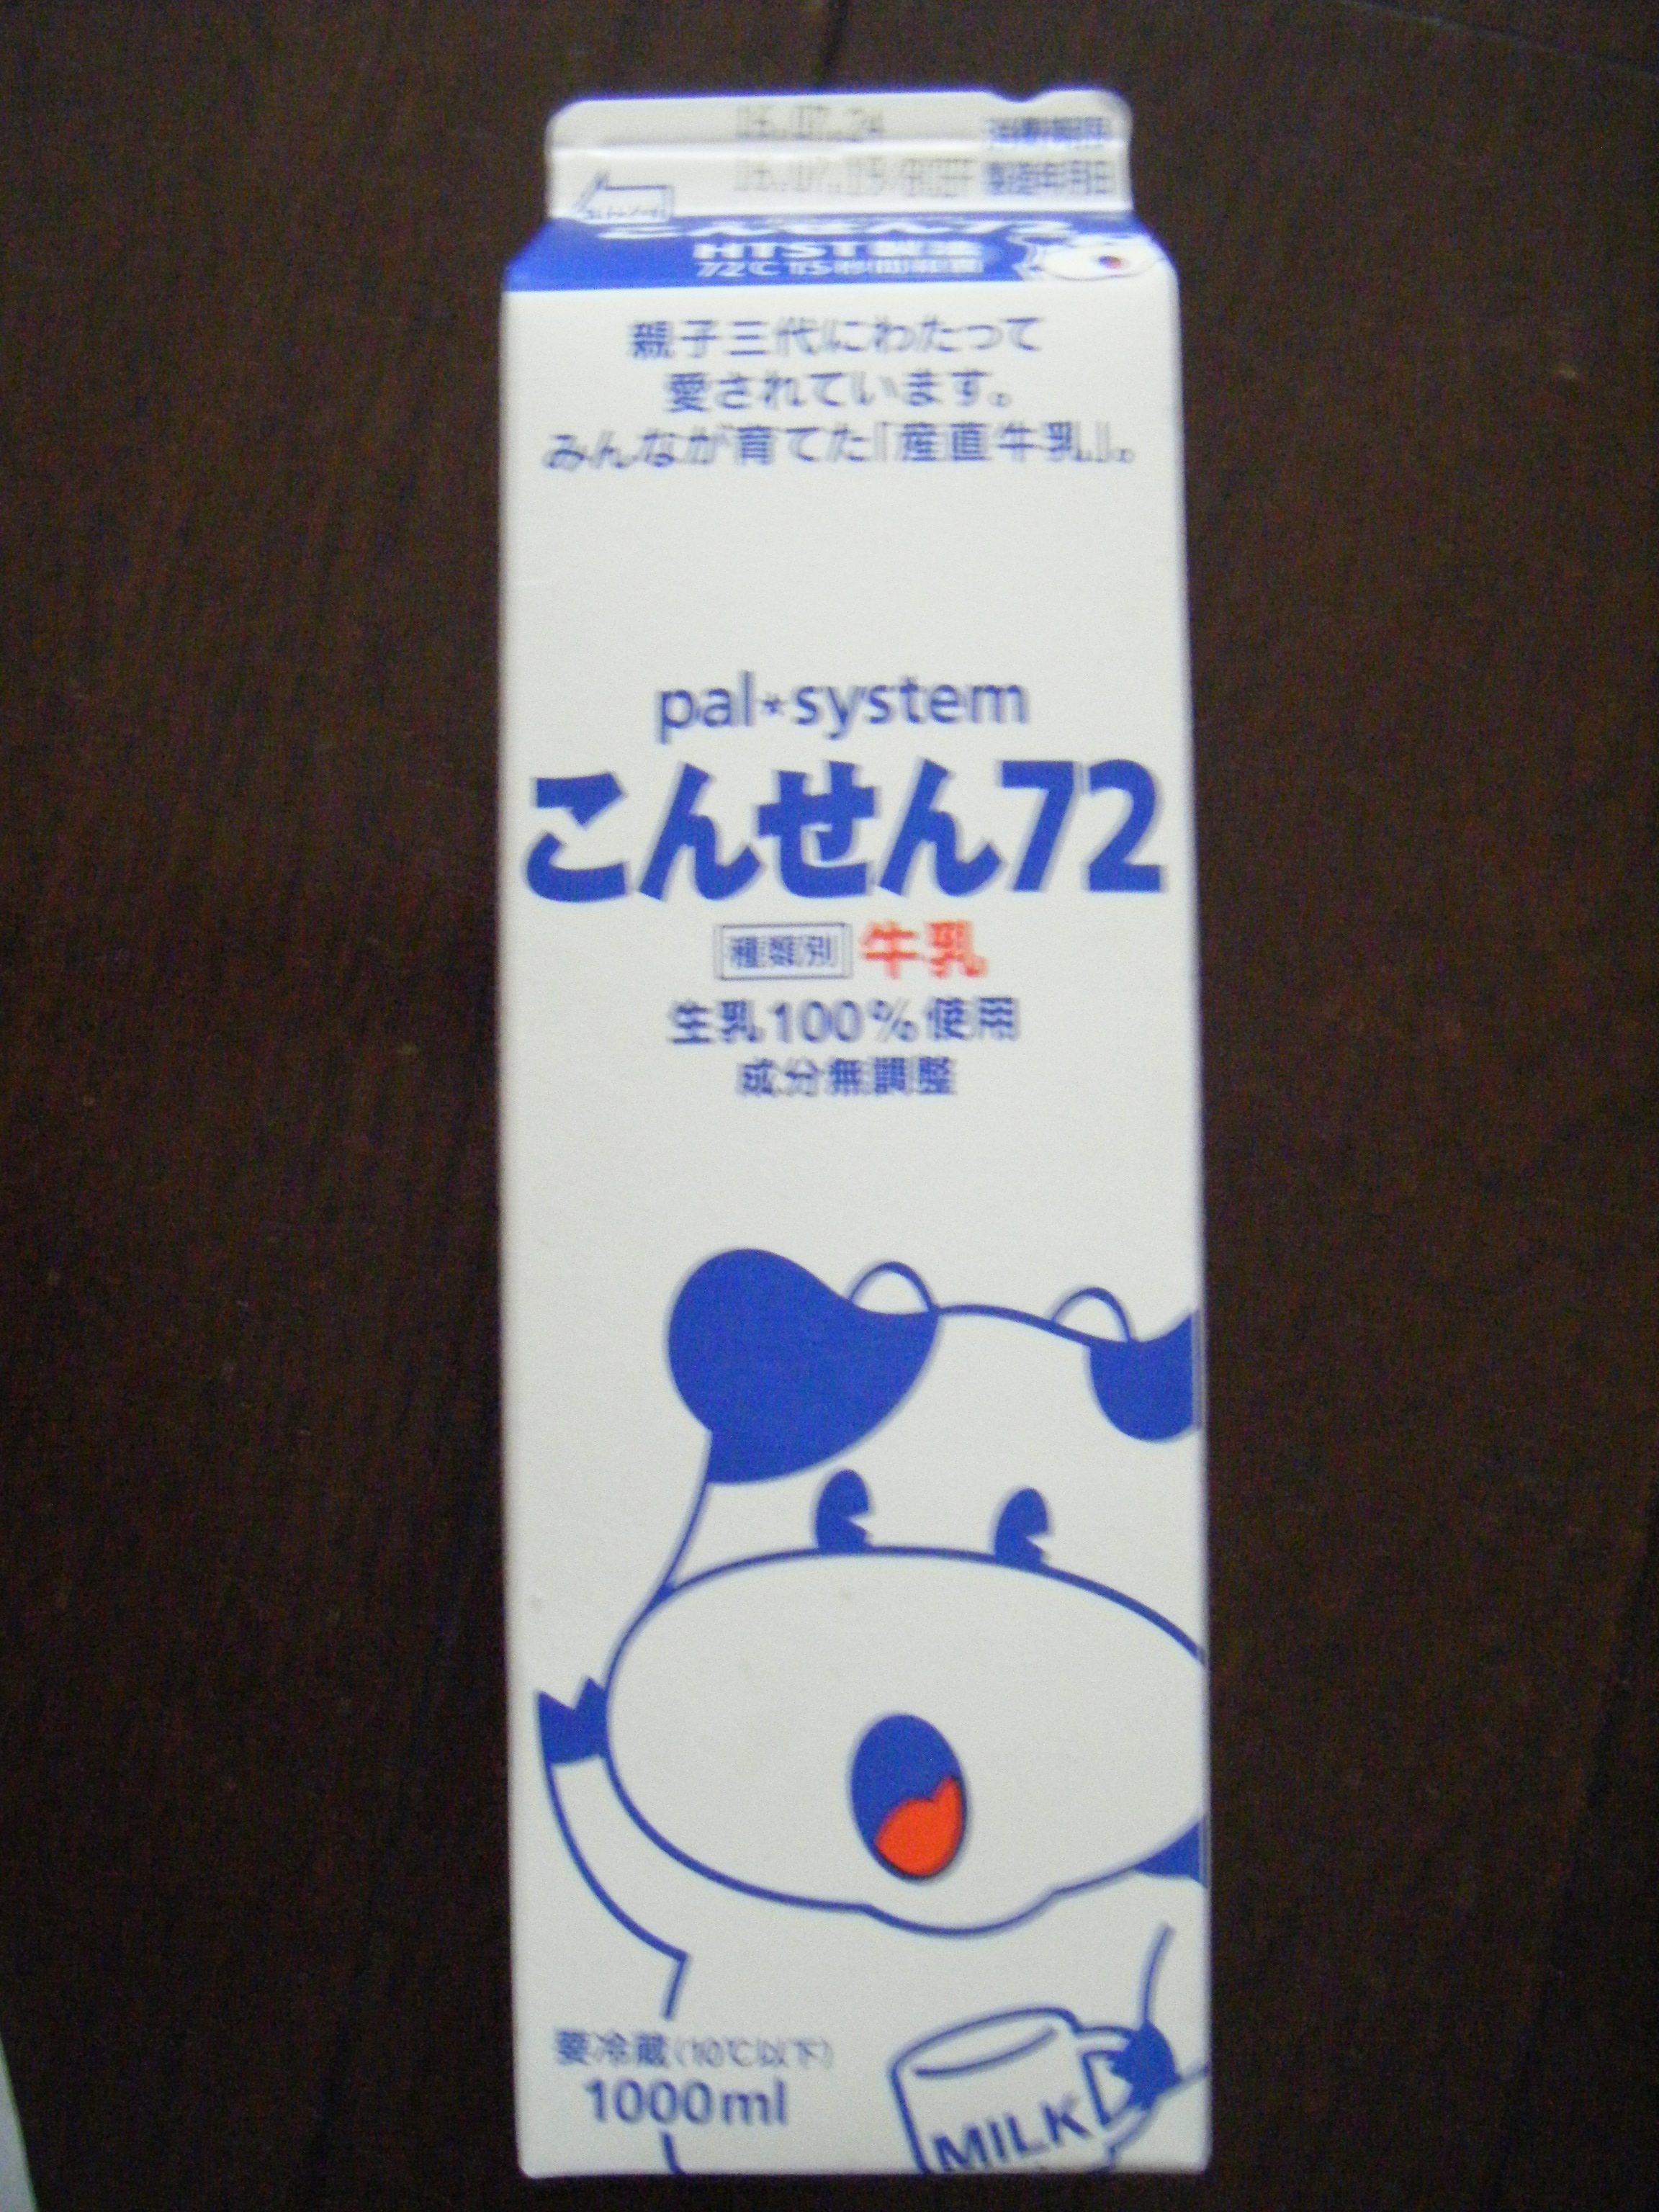 こんせん牛乳兼業主婦の食材宅配体験談 パルシステム初めてセット 定番品が届いたよ!